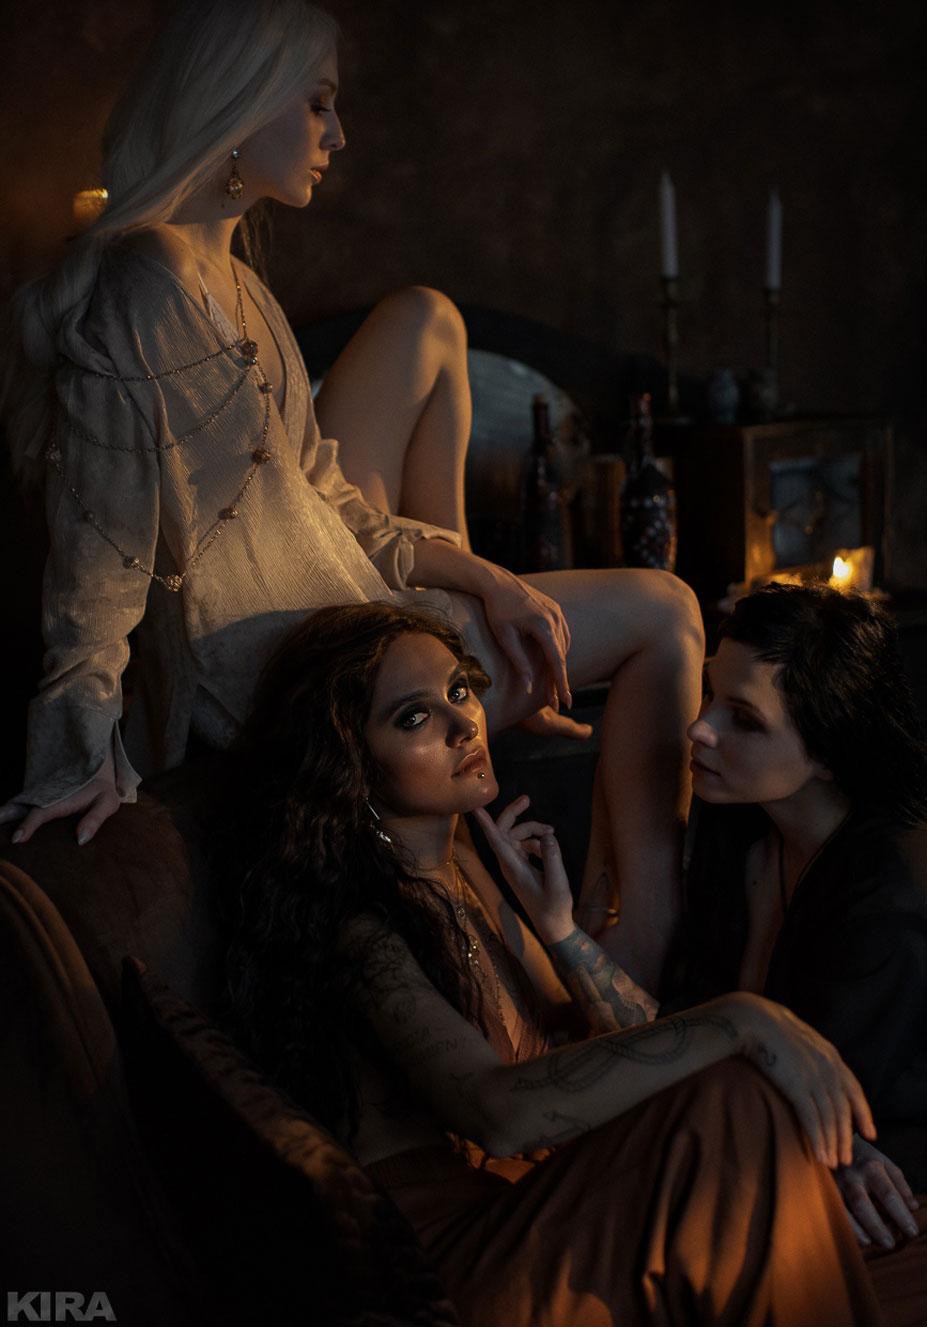 Валерия Лавхаева, Екатерина Плотникова и Асаги Нанами (Nero) / фото 05